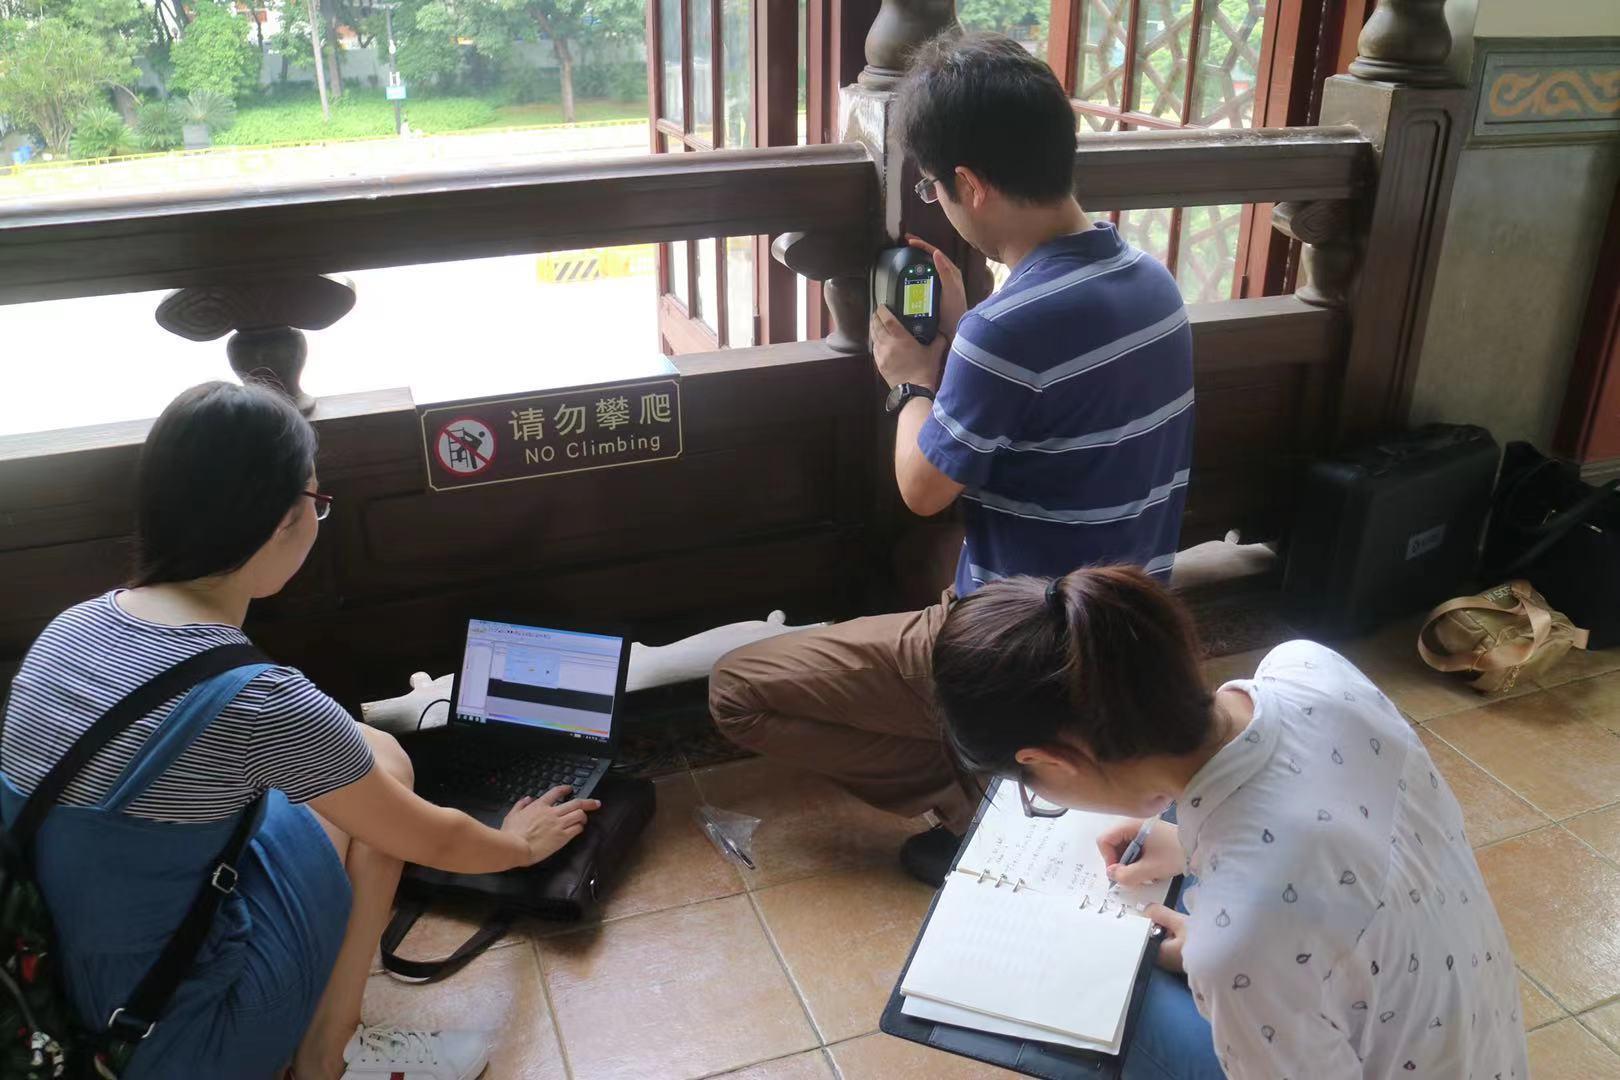 研究团队在广州中山纪念堂调研。(来源:南方都市报)